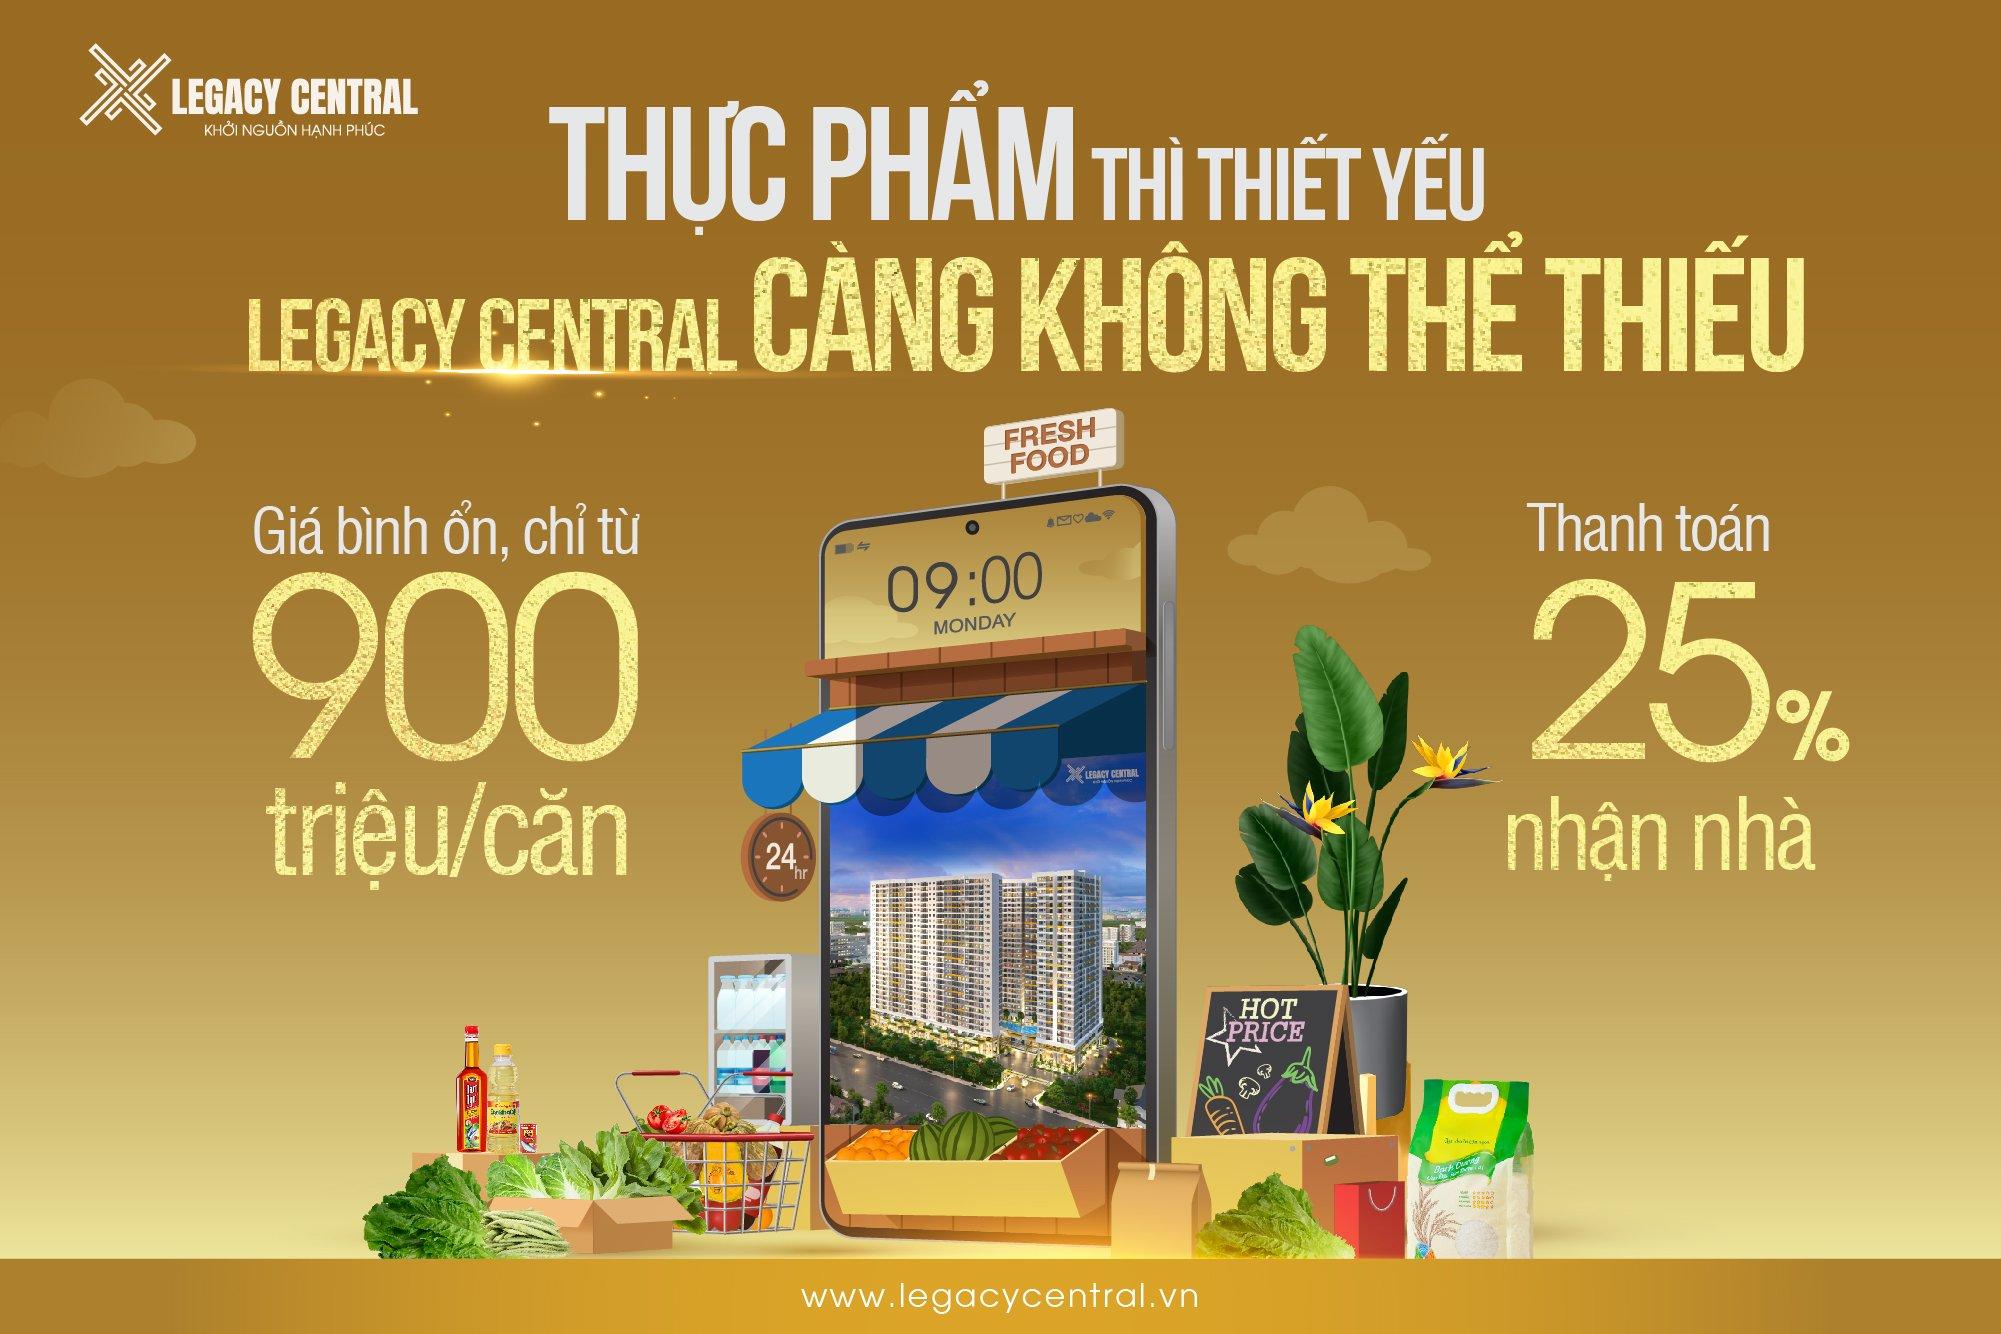 Bán căn hộ trung tâm Tp Thuận An với giá chỉ từ 900tr /căn